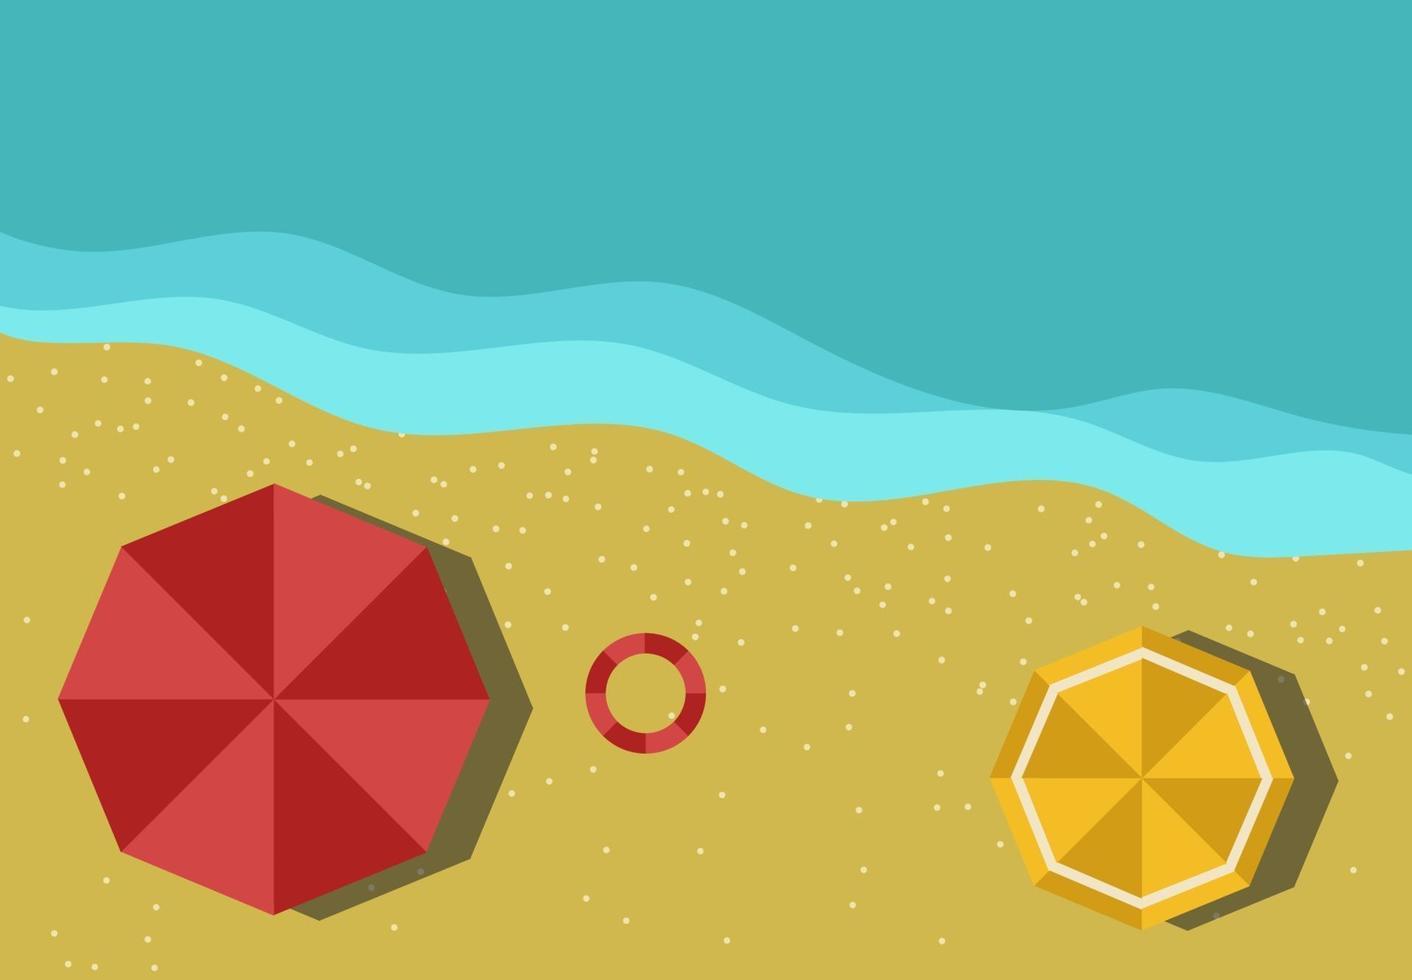 vue de dessus de l & # 39; illustration vectorielle de plage été vacances vecteur